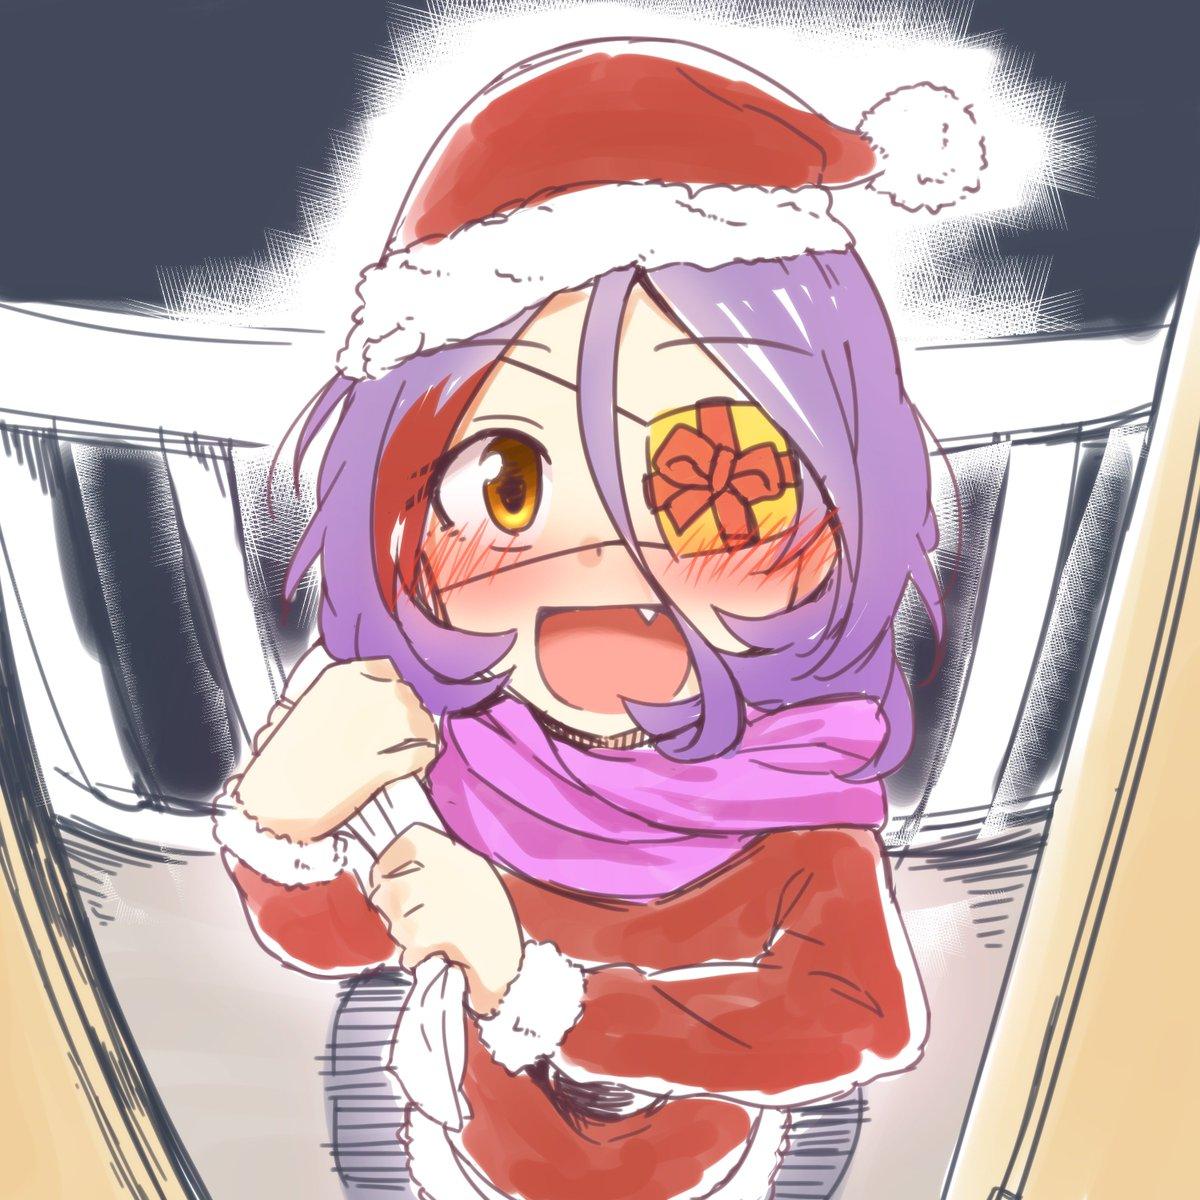 クリぼっちの美玲P諸兄にクリスマスプレゼントじゃよ  「へへッ、びっくりしただろッ!」  #美玲ドローイング